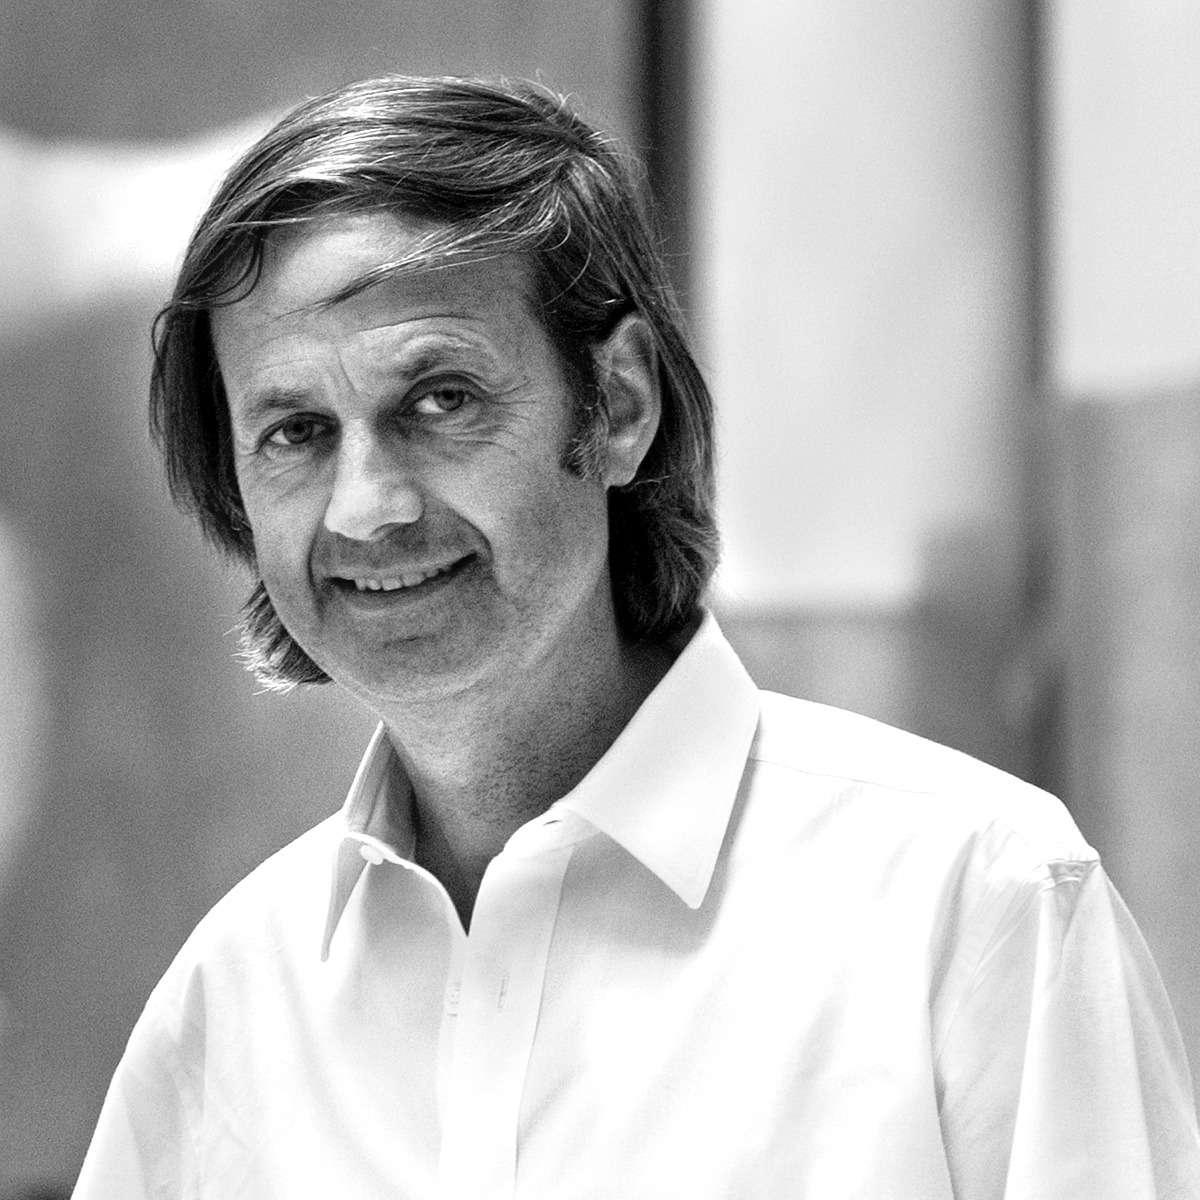 L'architecte Pierre-Antoine Gatier à l'Académie des beaux-arts